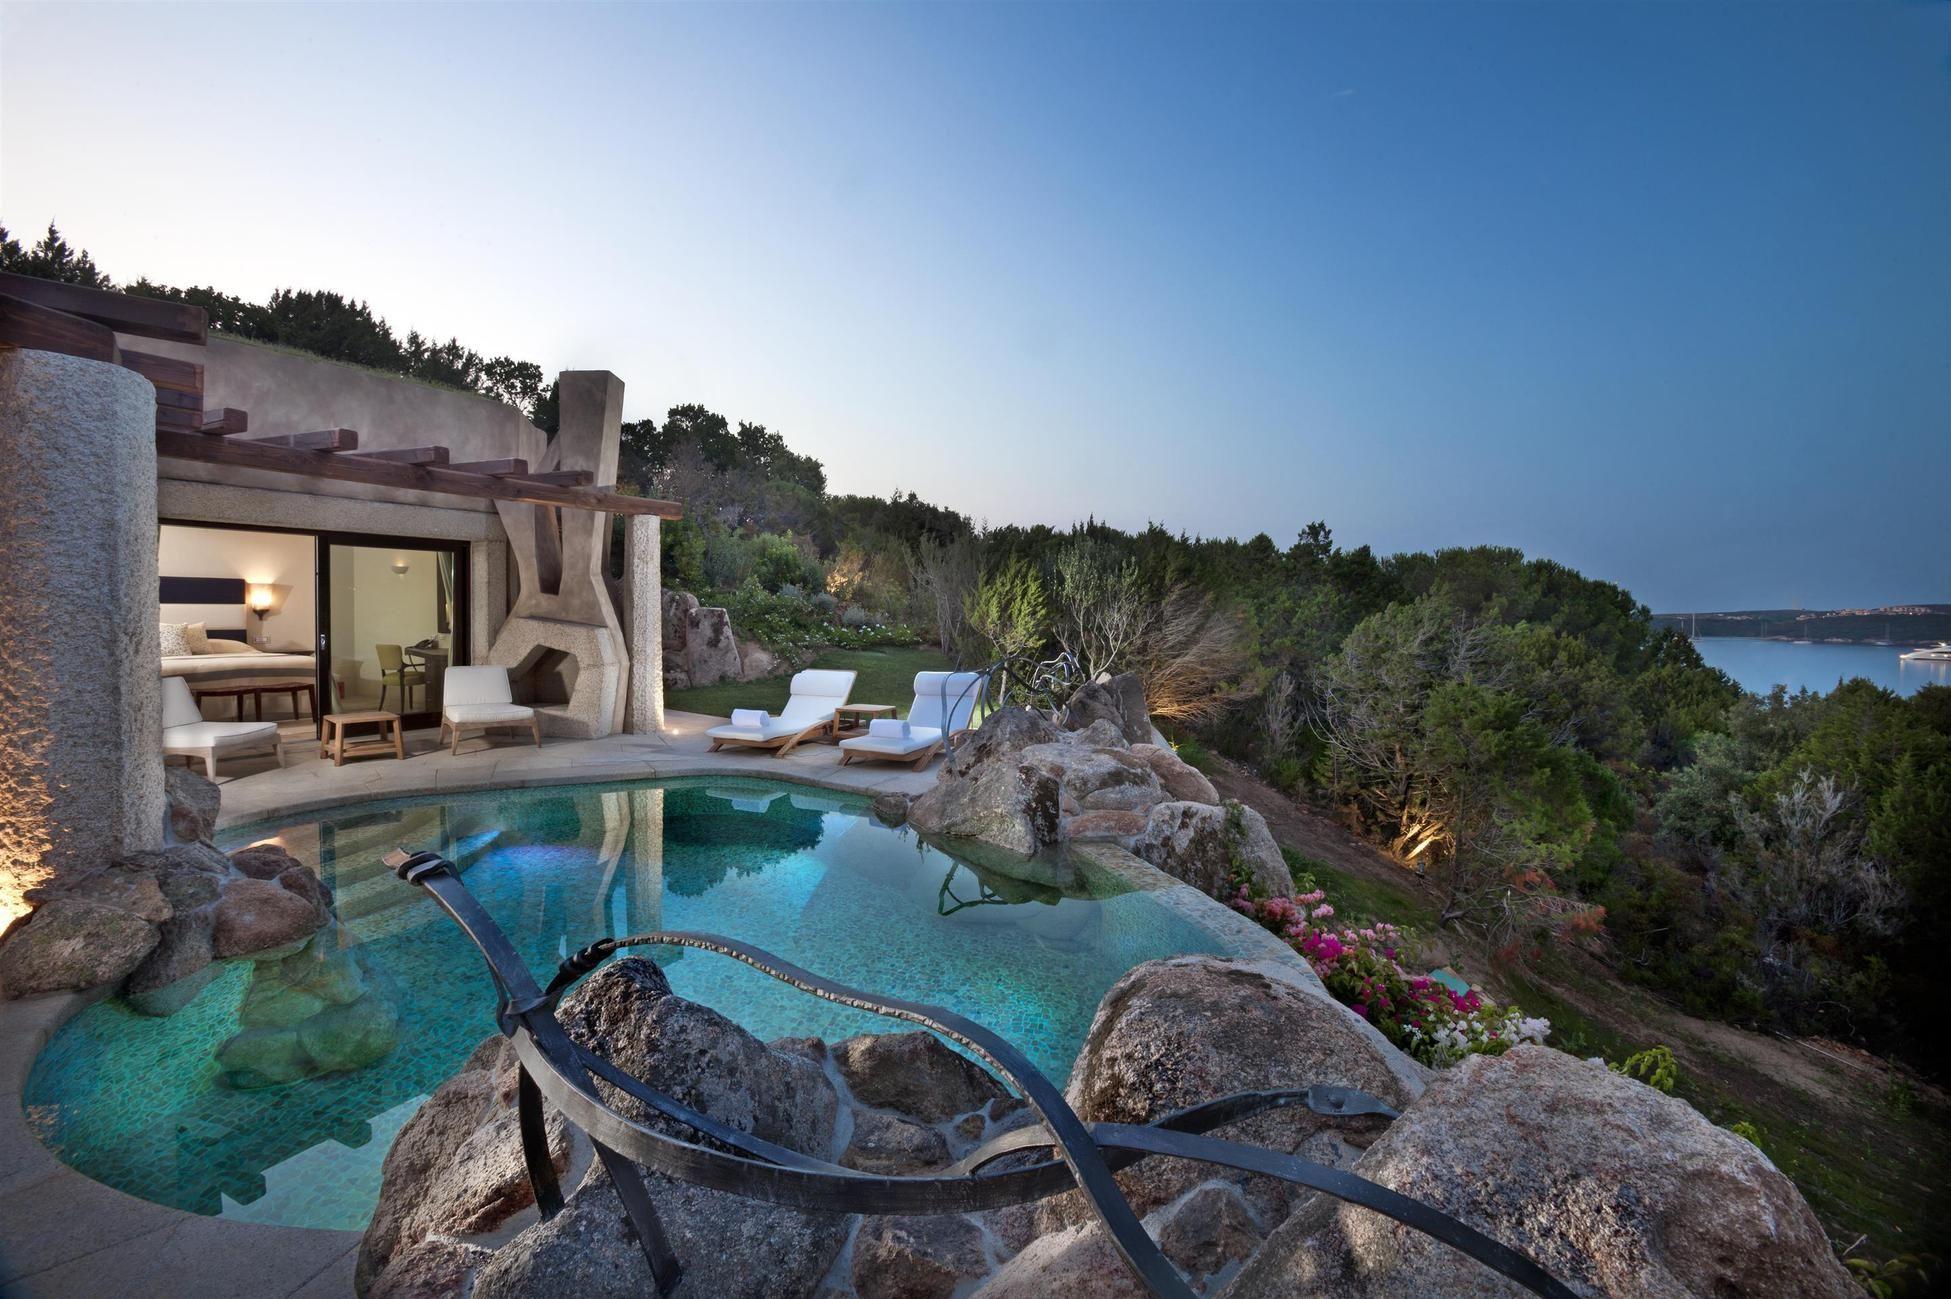 In Diesen Suiten Mit Eigenem Pool Wird Euch Niemand Die Sonnenliege Wegschnappen Und Ihr Konnt Vollig Ungestort Plant Hotel Mit Privatpool Hotels Hotel Italien